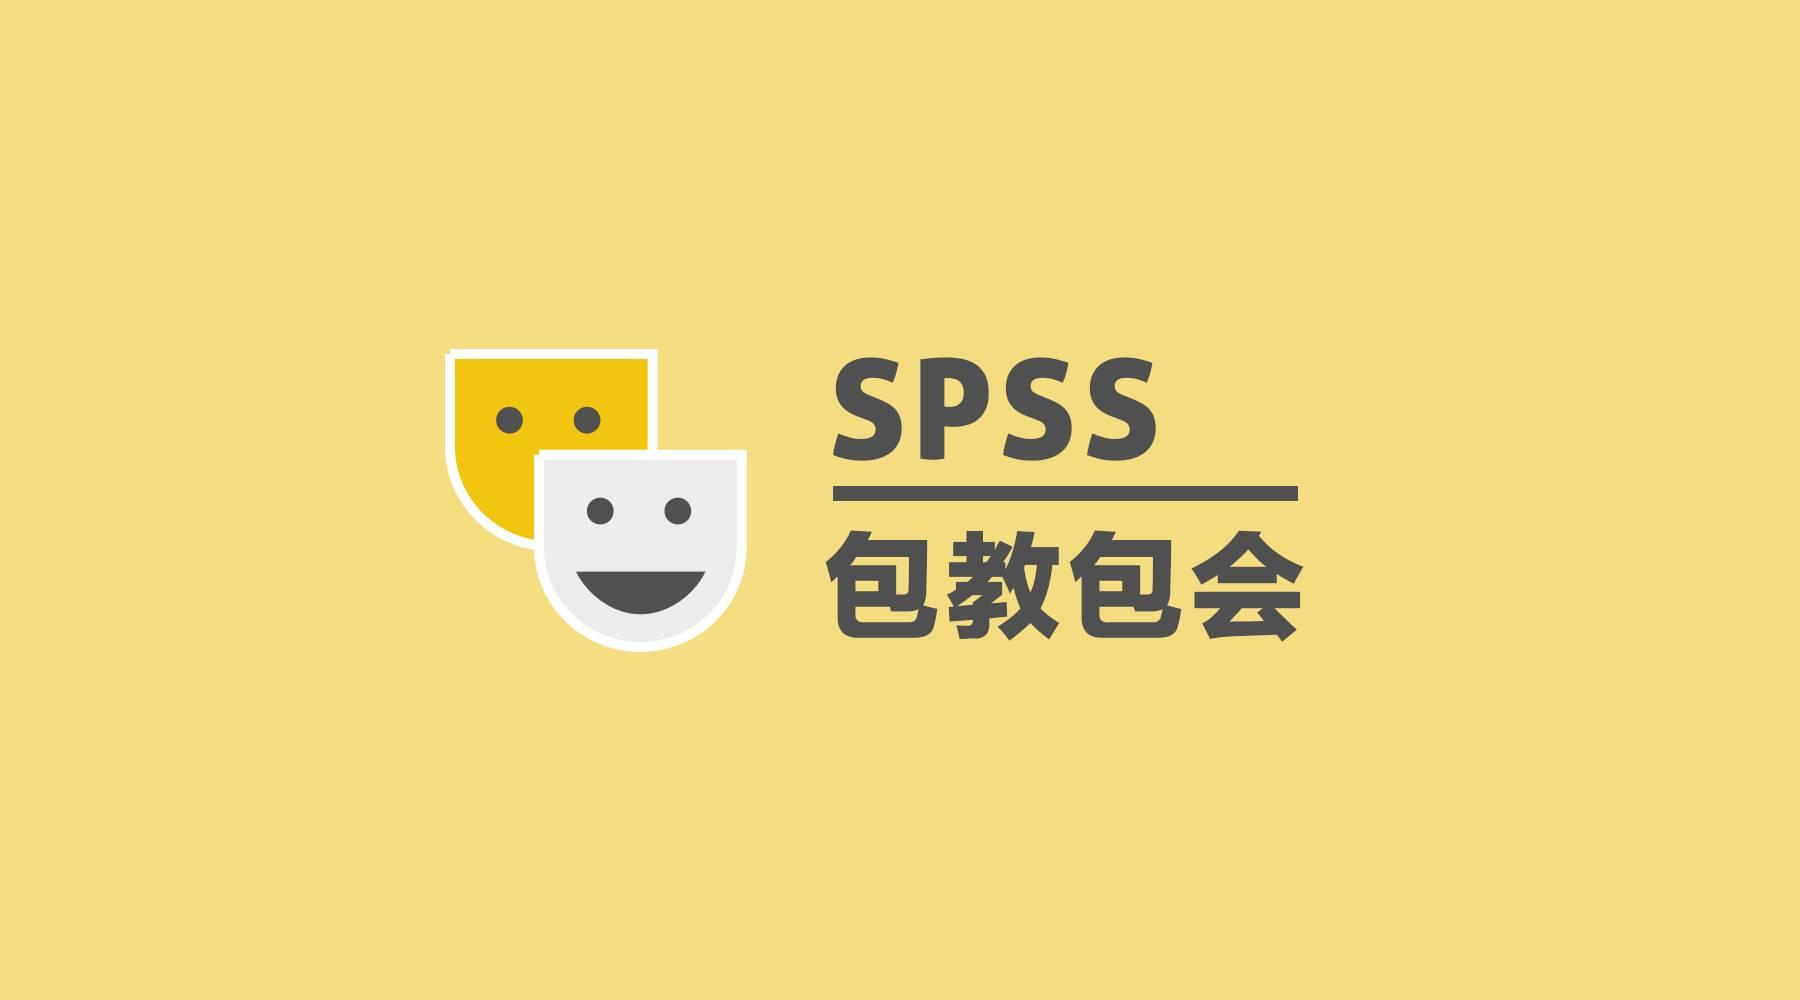 简单直方图-SPSS教程